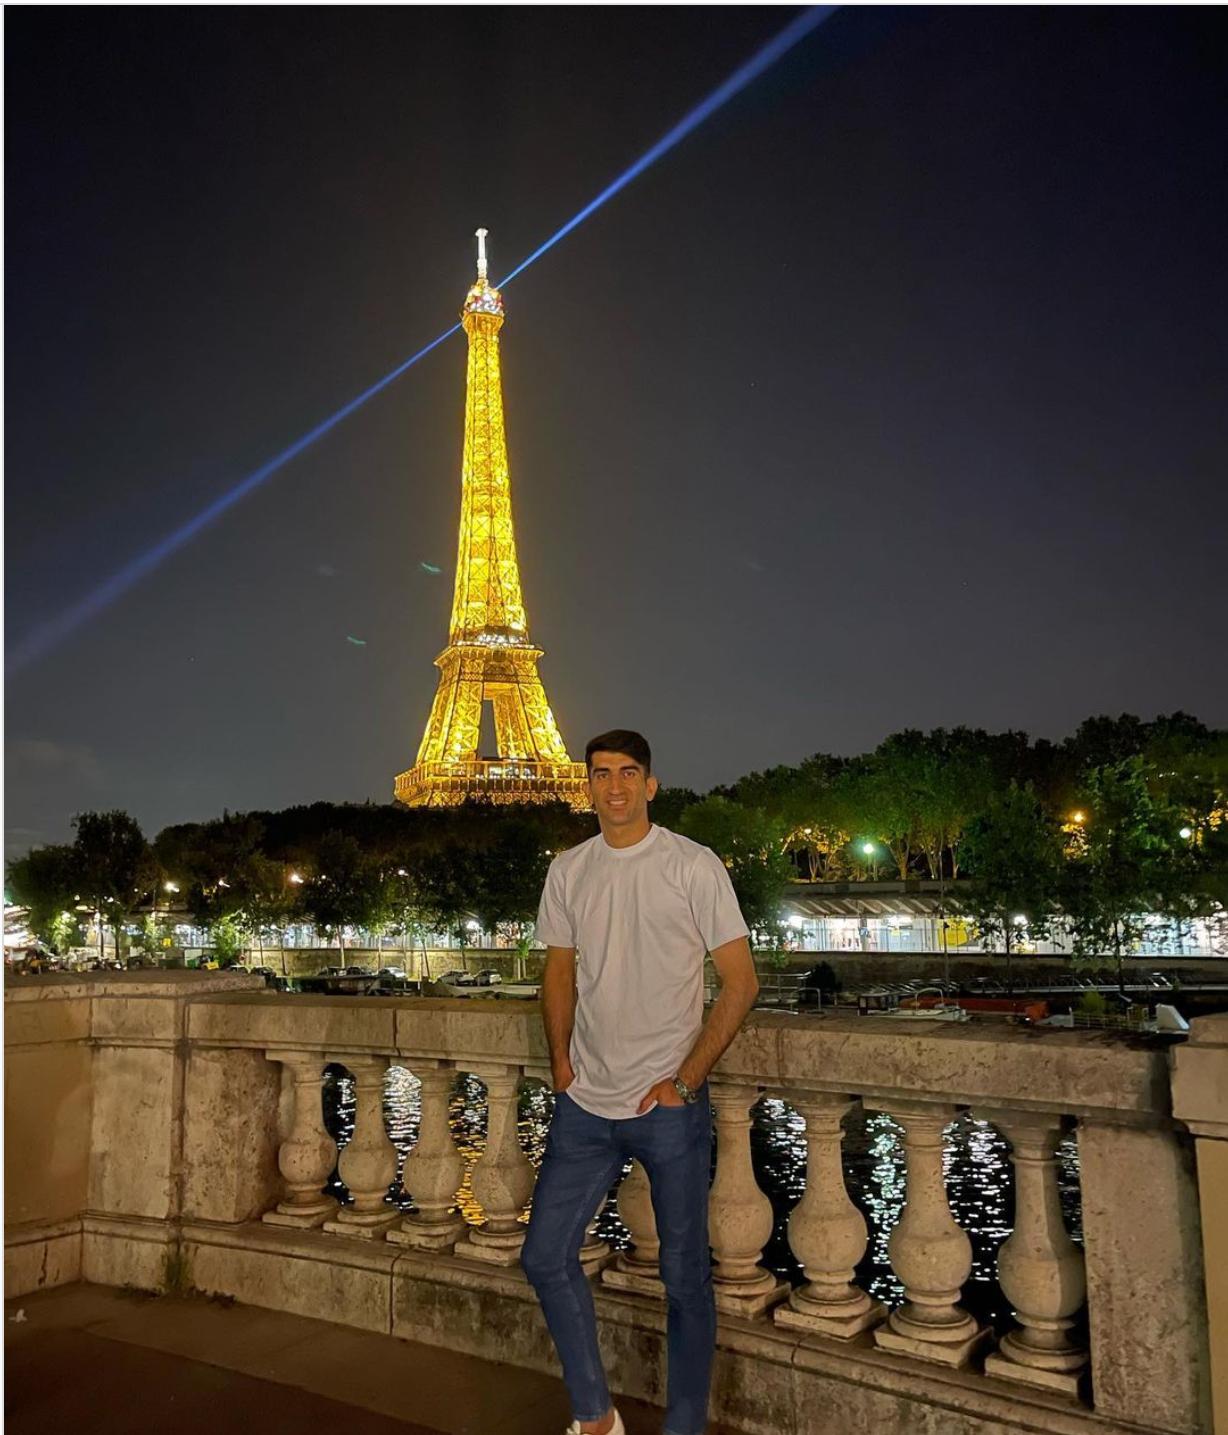 سفر لوکس علیرضا بیرانوند به فرانسه+ عکس